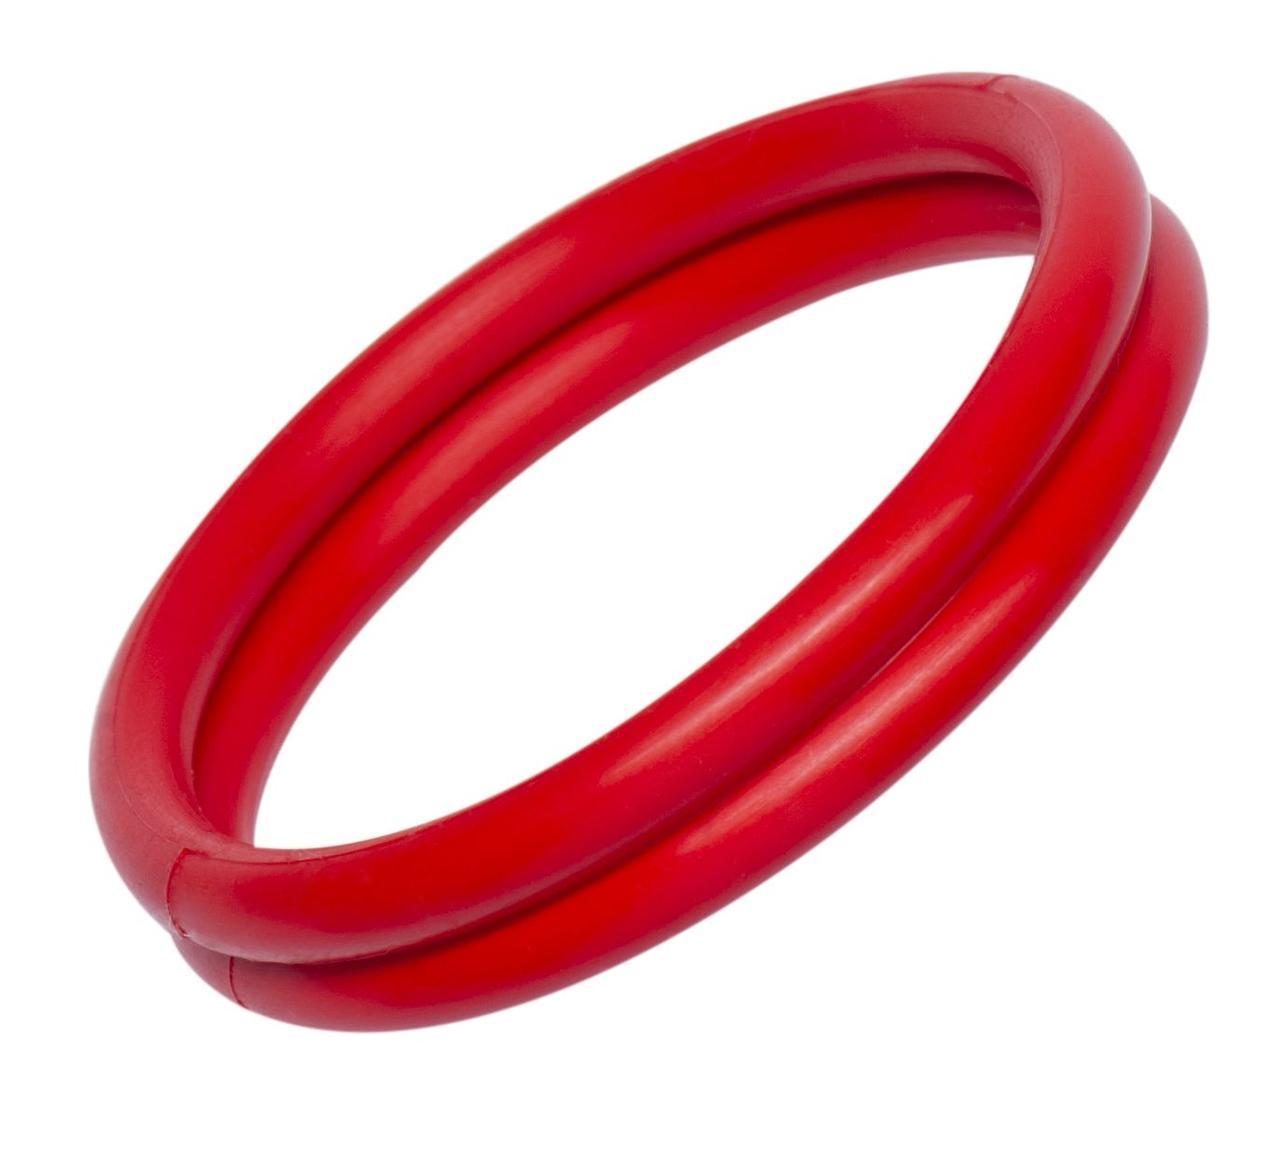 Эрекционное кольцо Rocks Off Rudy-Rings, Красный